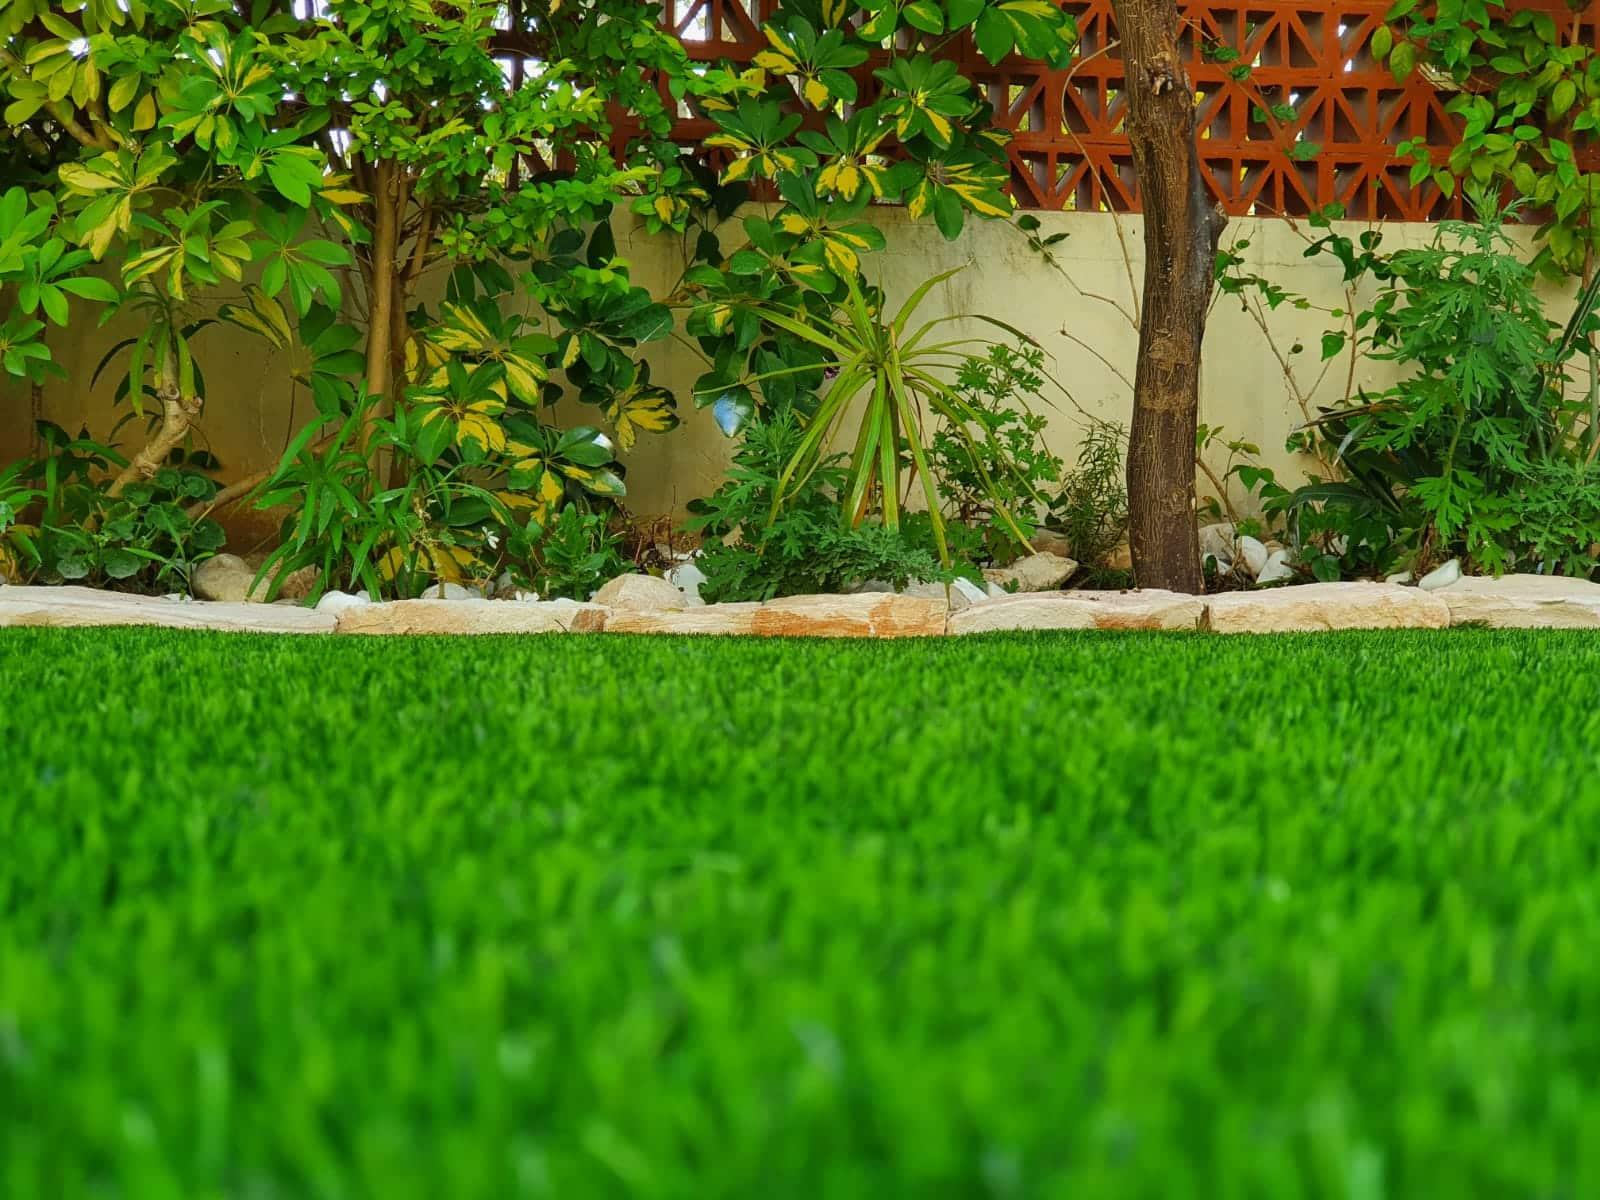 דשא סינטטי עם חול סיליקד